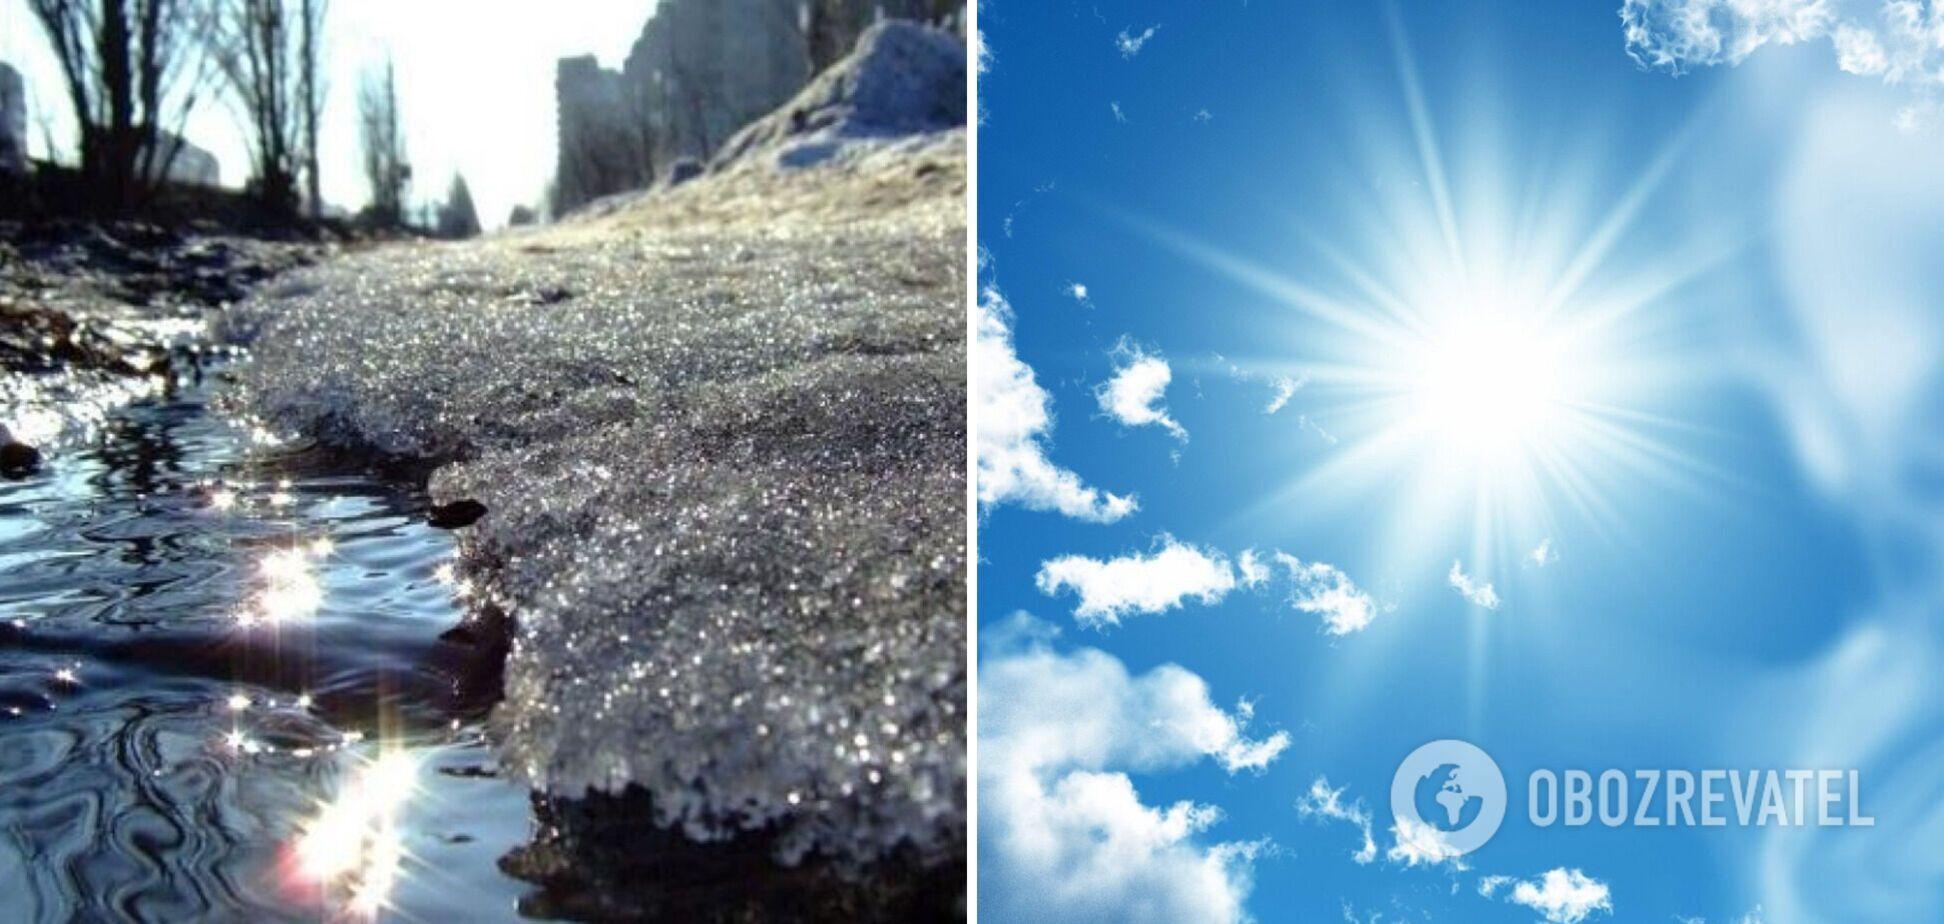 В Україні потеплішає і підвищиться рівень води в річках: прогноз погоди на четвер